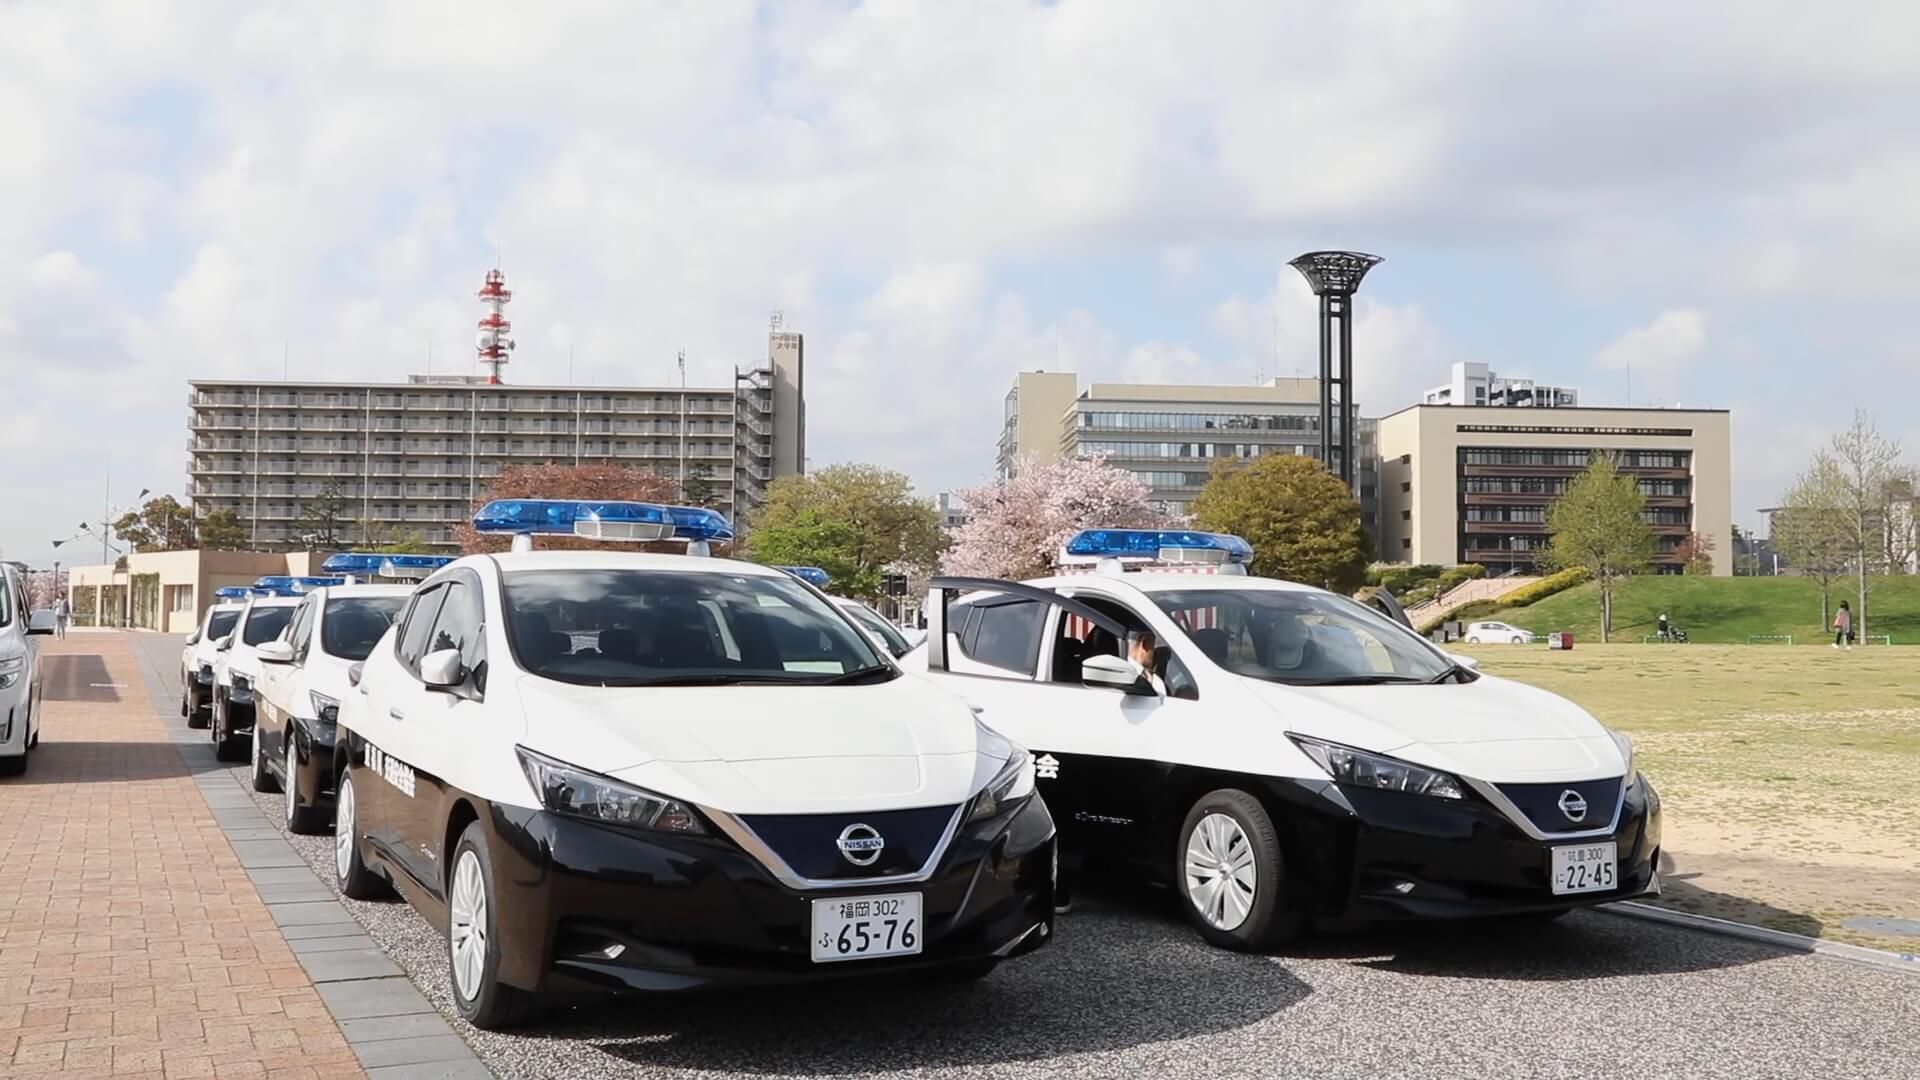 Полицейские электромобили Nissan Leaf второго поколения